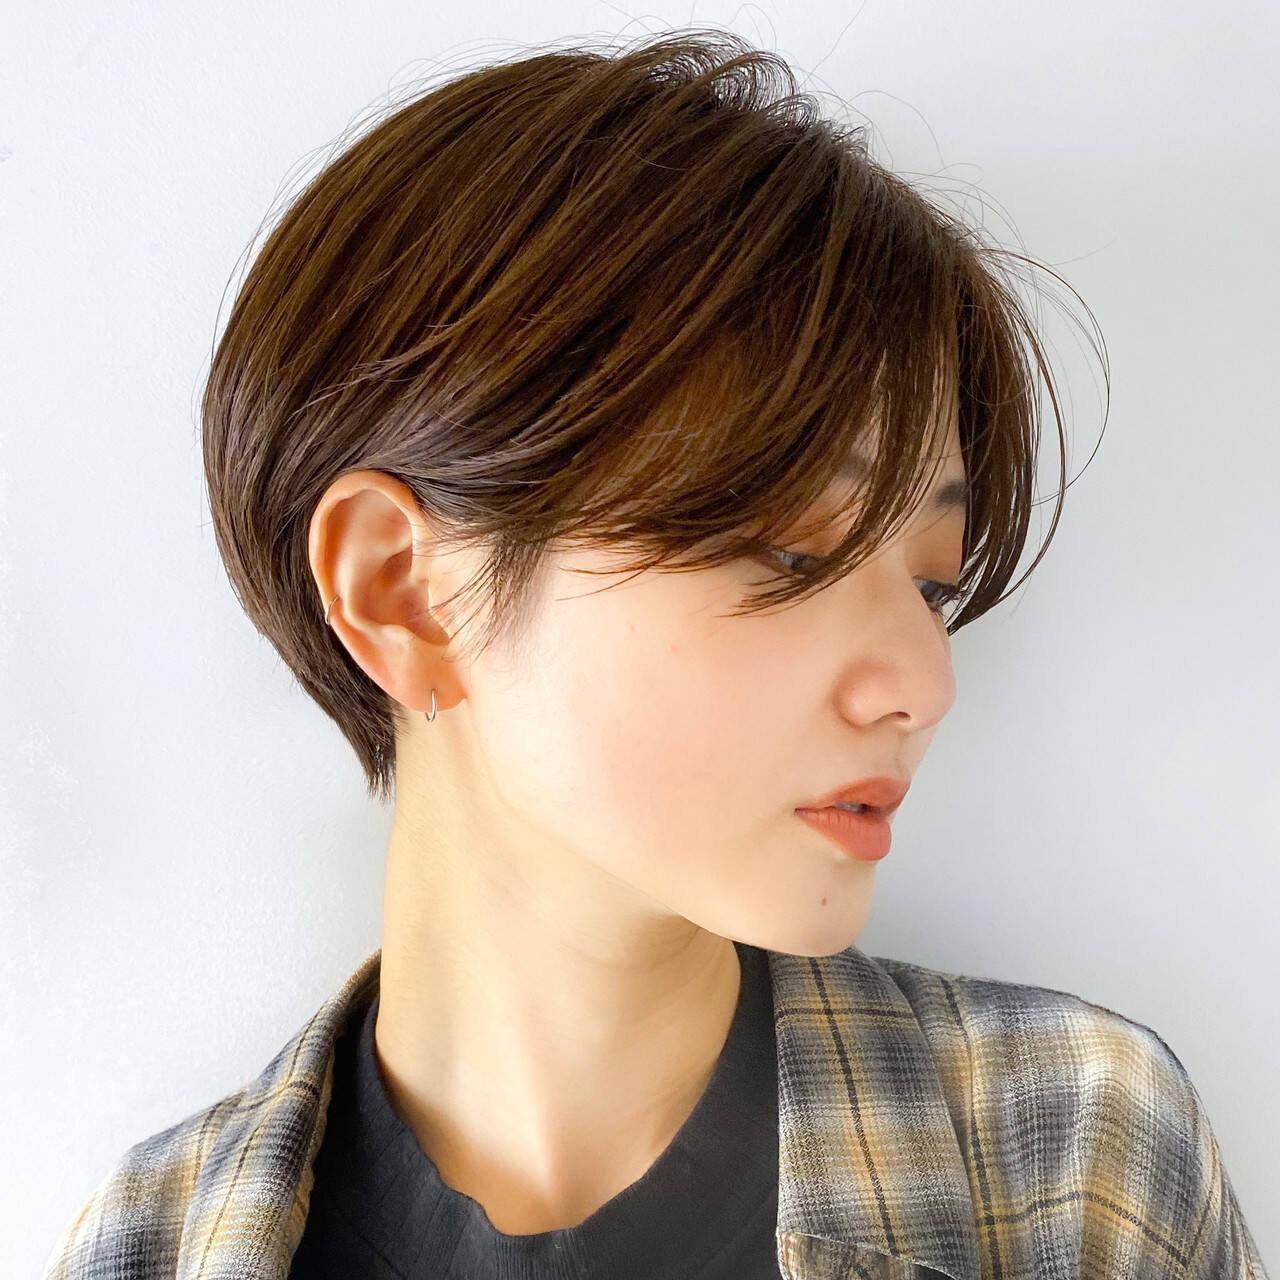 ハンサムショート ショートヘア ショートボブ ショートヘアスタイルや髪型の写真・画像